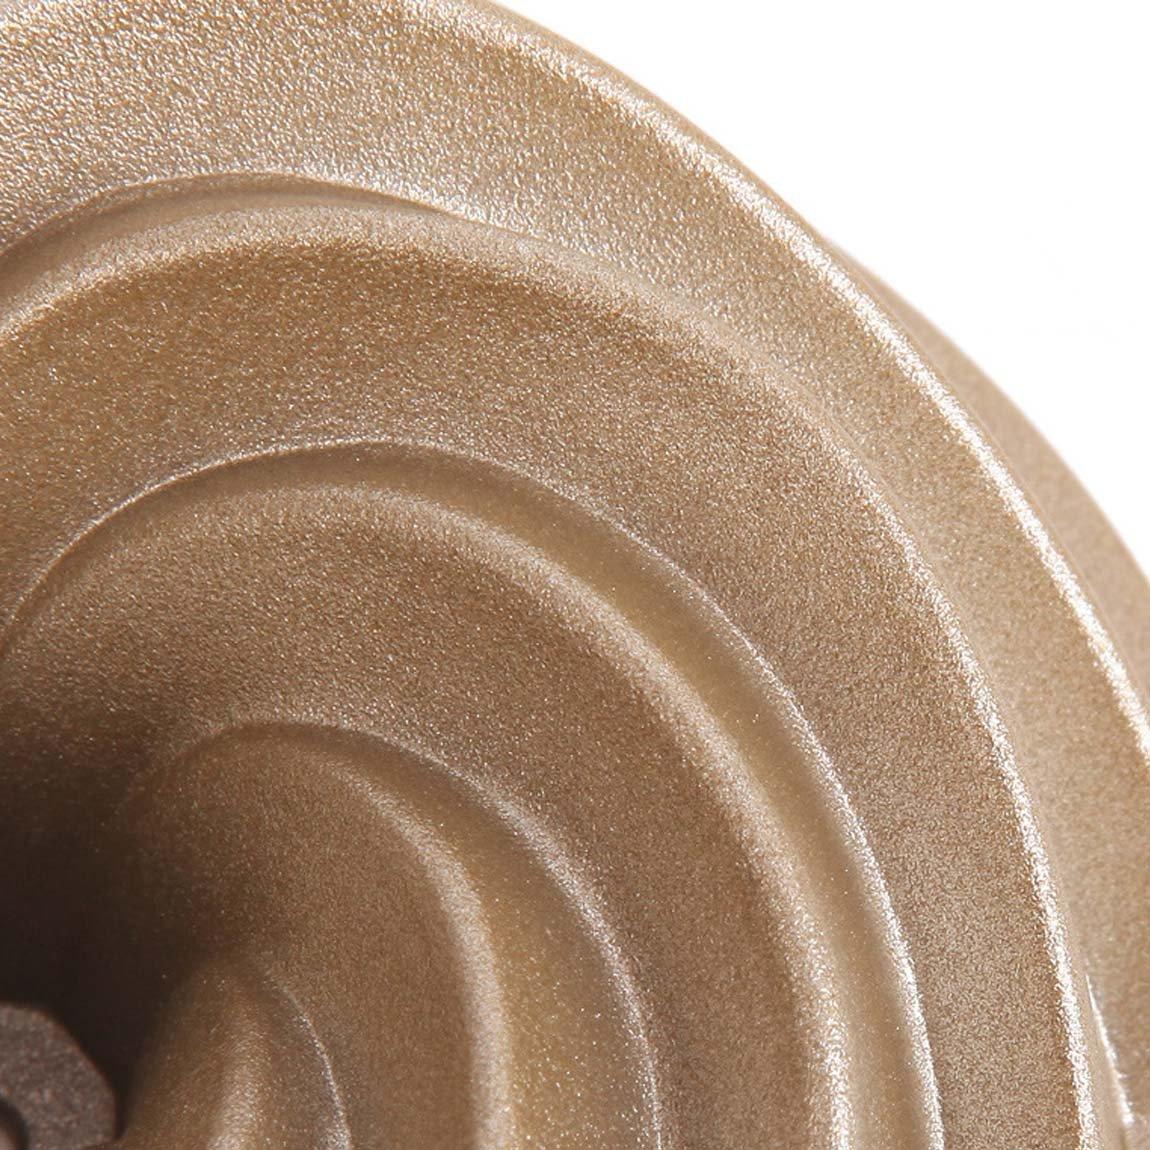 /à l/érable glac/é etc, Excellent pour Faire des G/âteaux bundt /à la Poire et au Chocolat CAN/_Deal Lot DE 4 Mini Moulessilicone G/âteaux//Moule en Acier au Carbone a Forme de Spirale